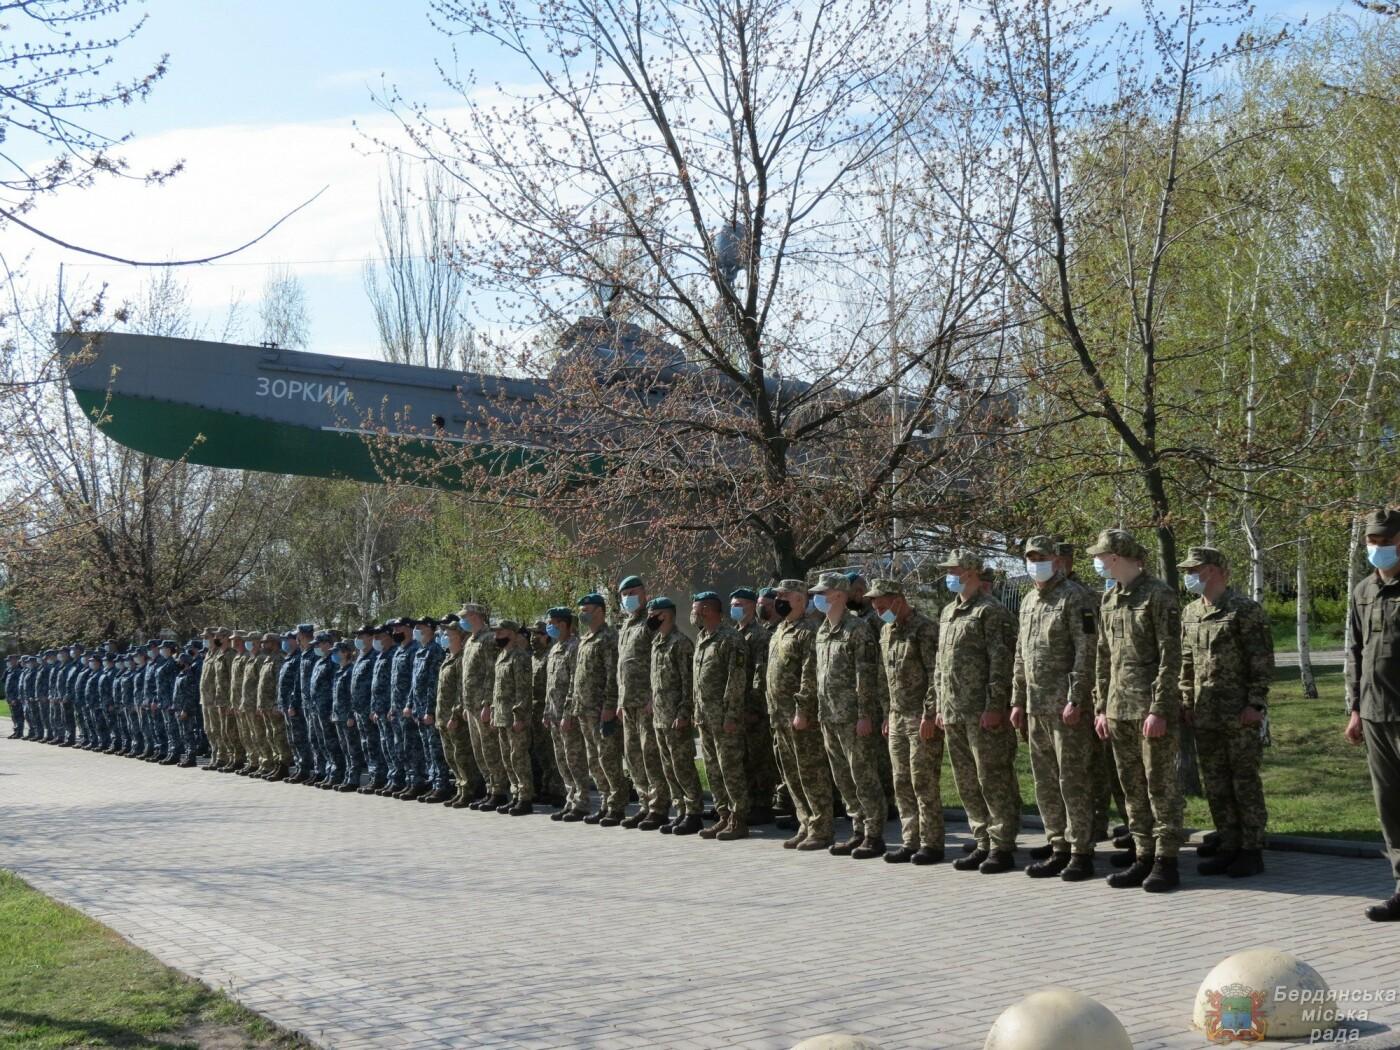 В Бердянске состоялось торжественное поднятие флага Военно-Морских Сил Вооруженных Сил Украины, фото-5